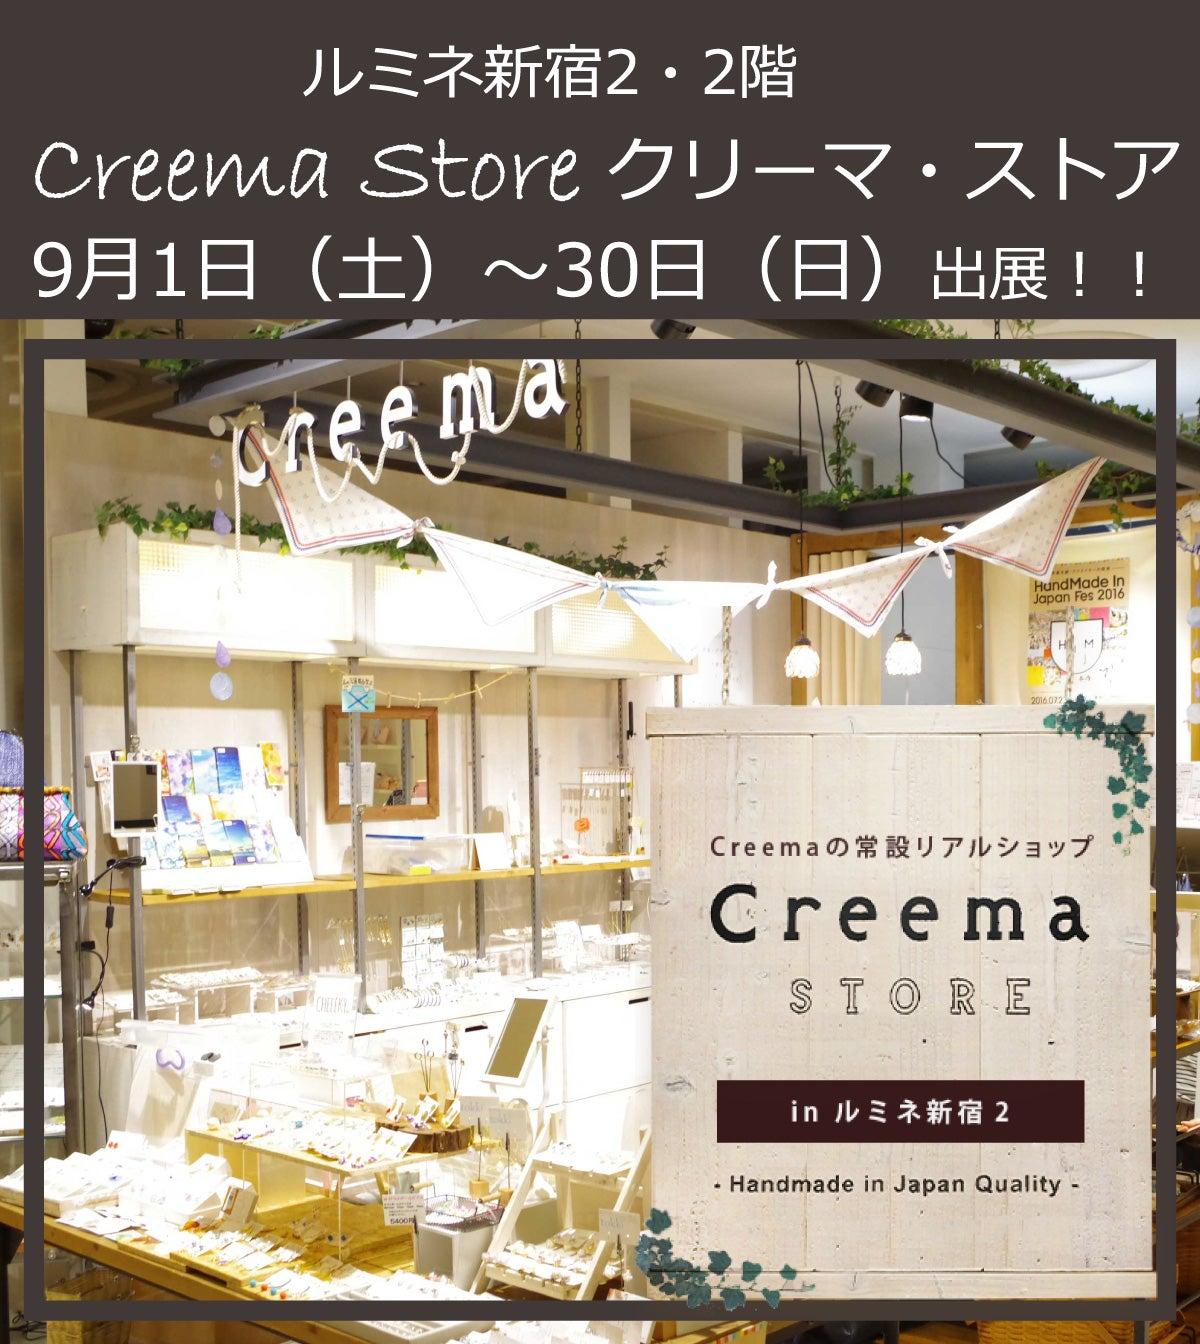 CreemaStoreバナー